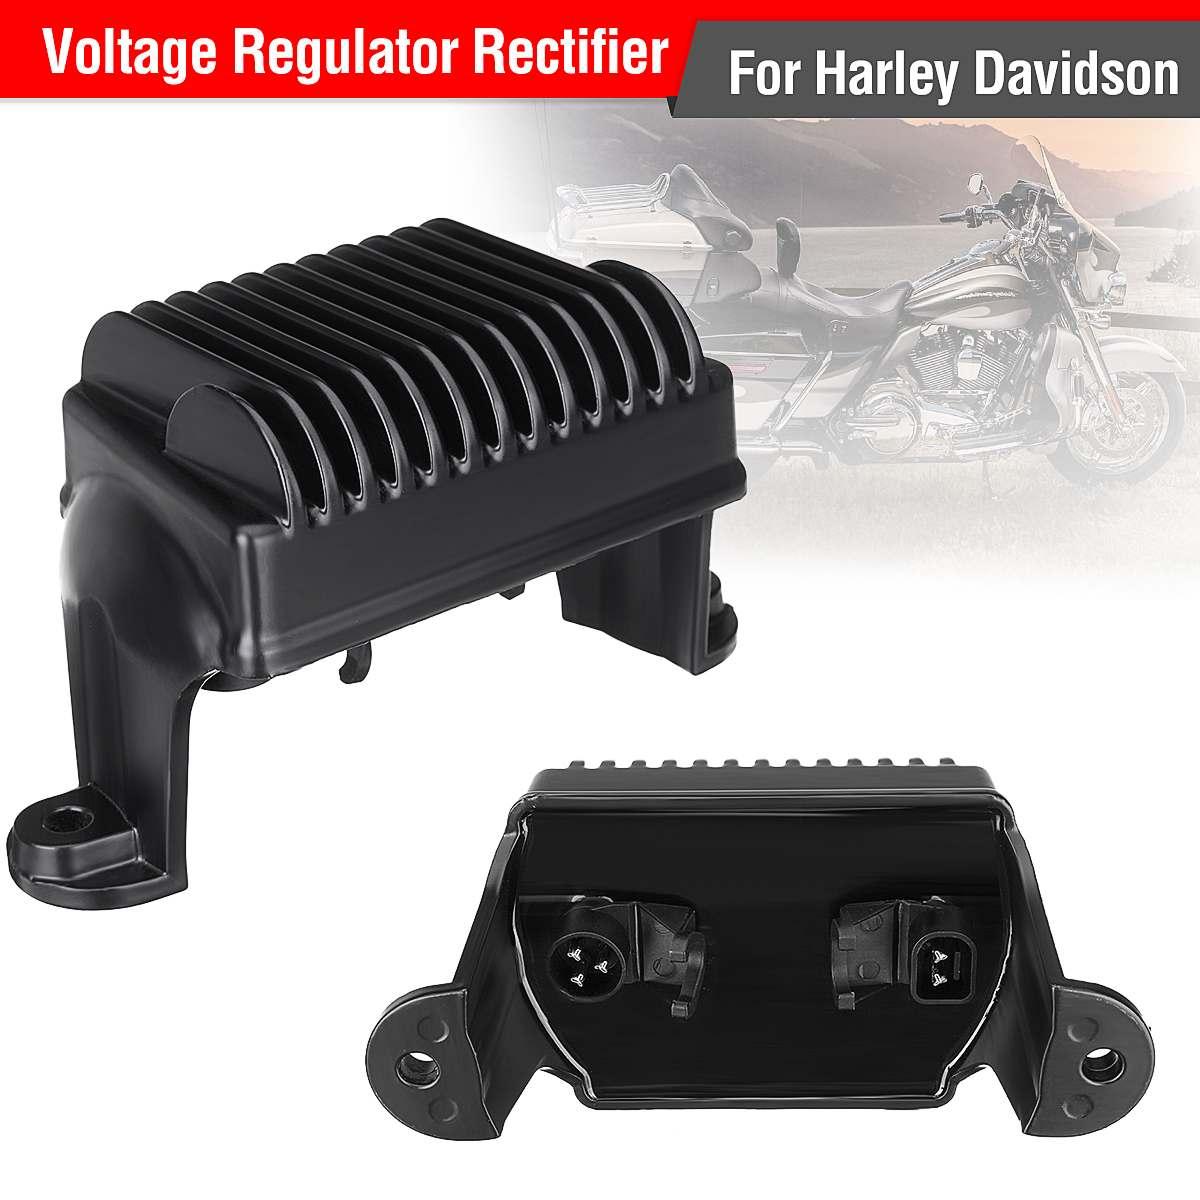 5 Pin Напряжение Регулятор выпрямителя Для Harley Davidson Touring 2009 2010 2011 2012 2013 2014 74505-09